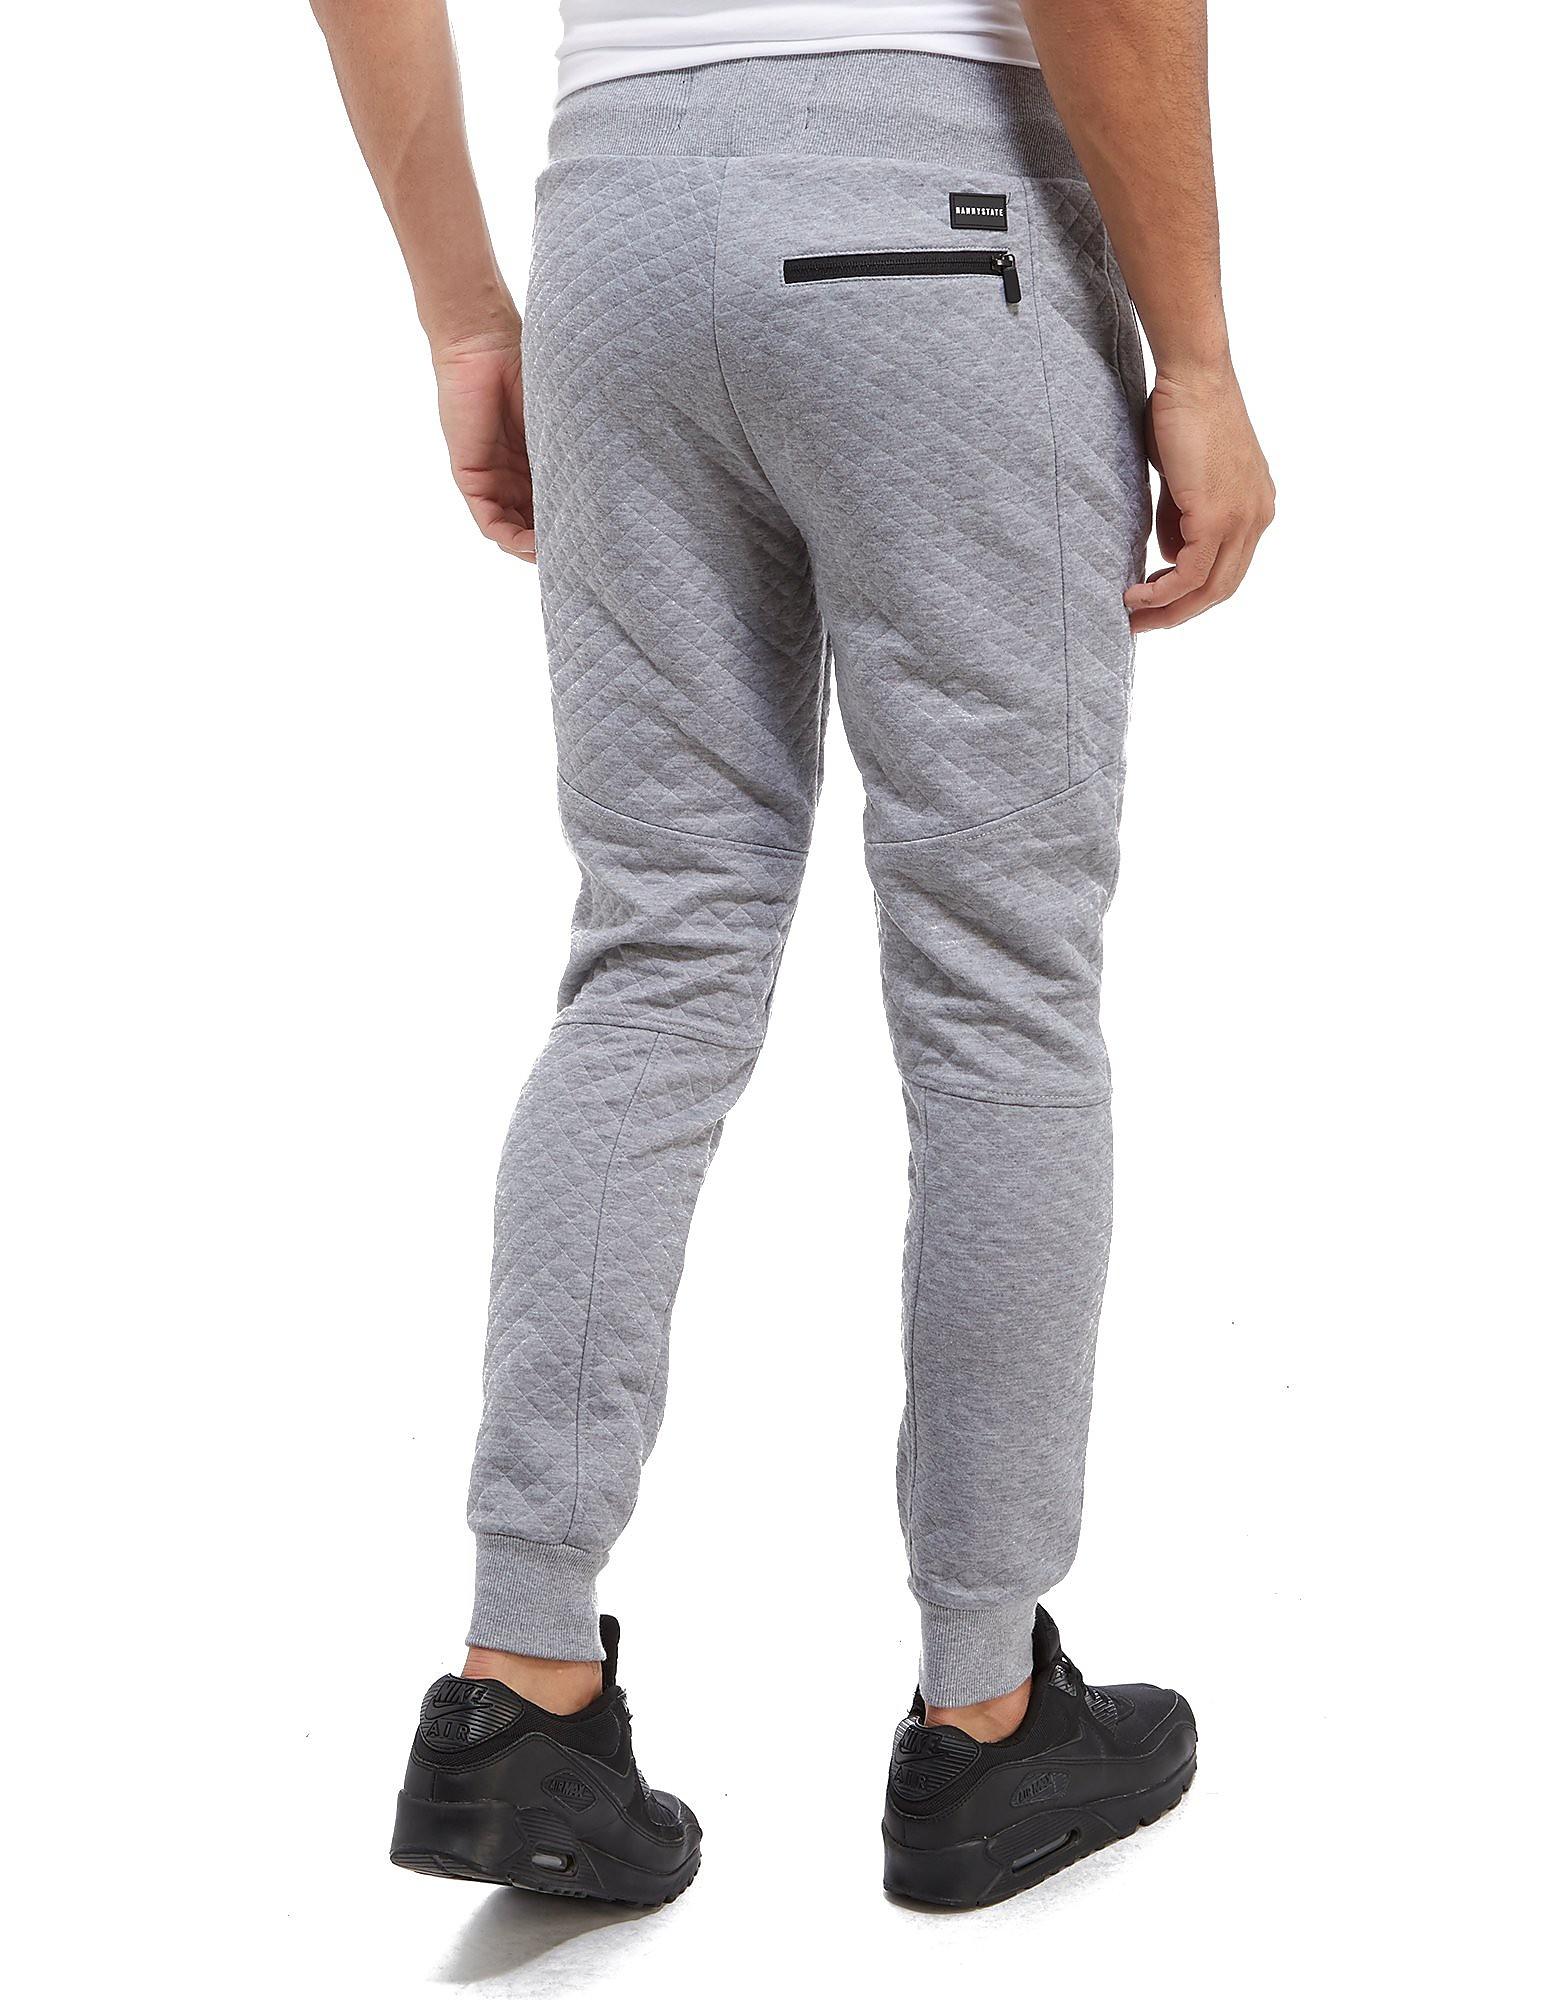 Nanny State Manton Jogging Pants